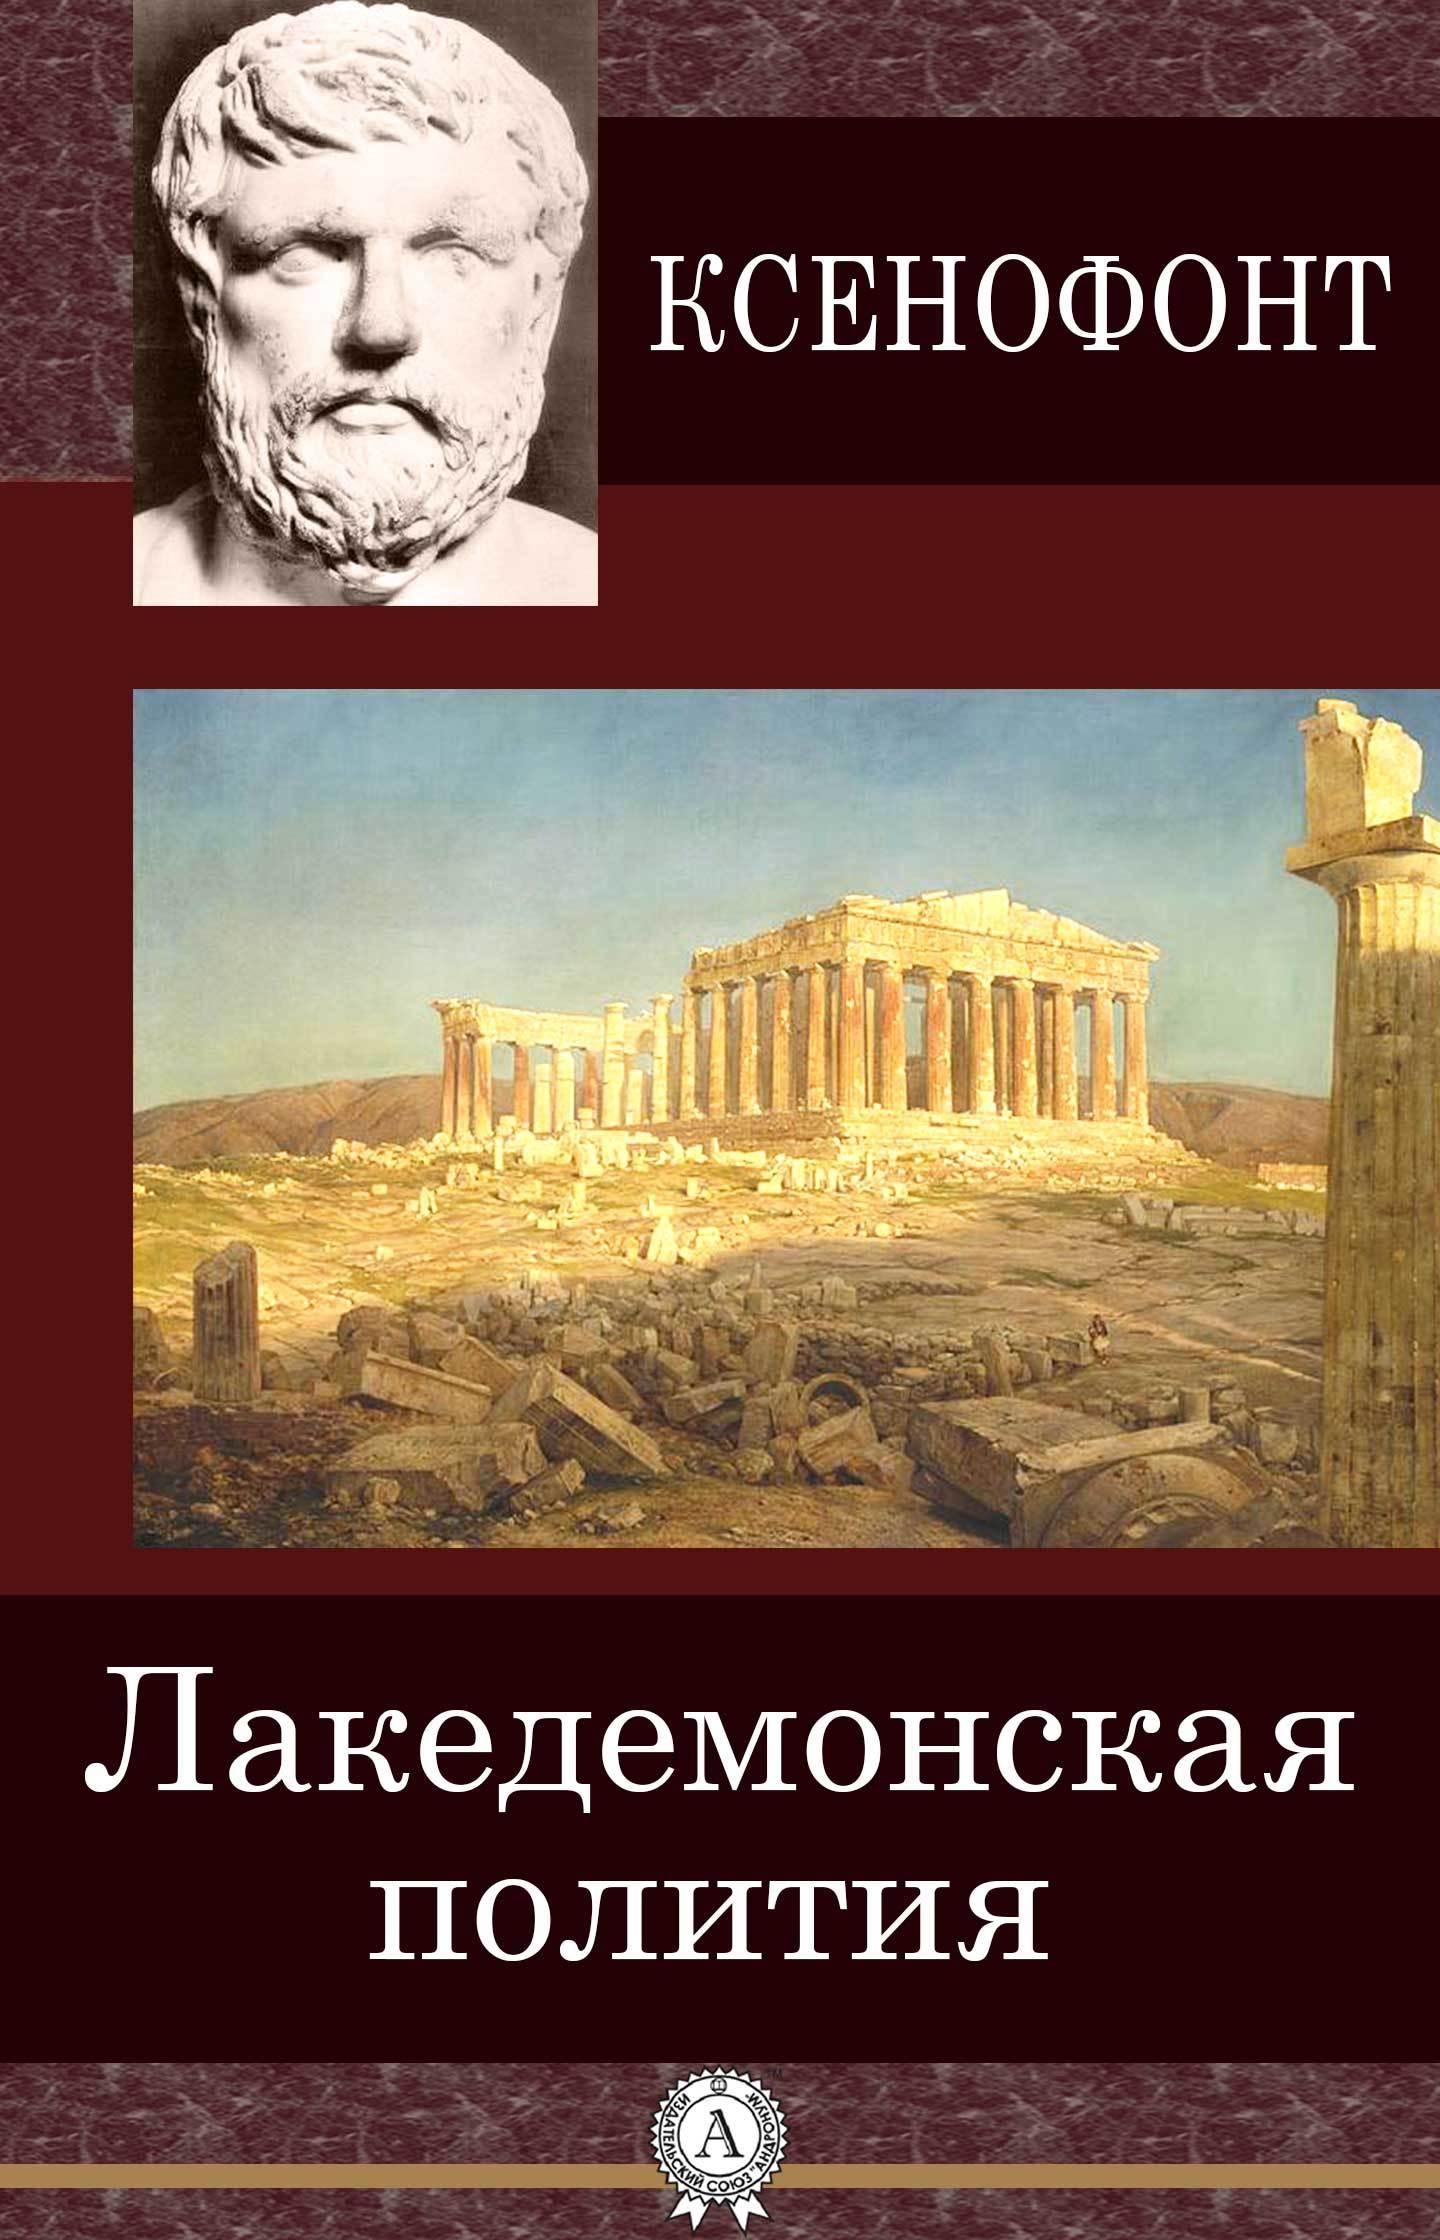 Скачать Лакедемонская полития бесплатно Ксенофонт